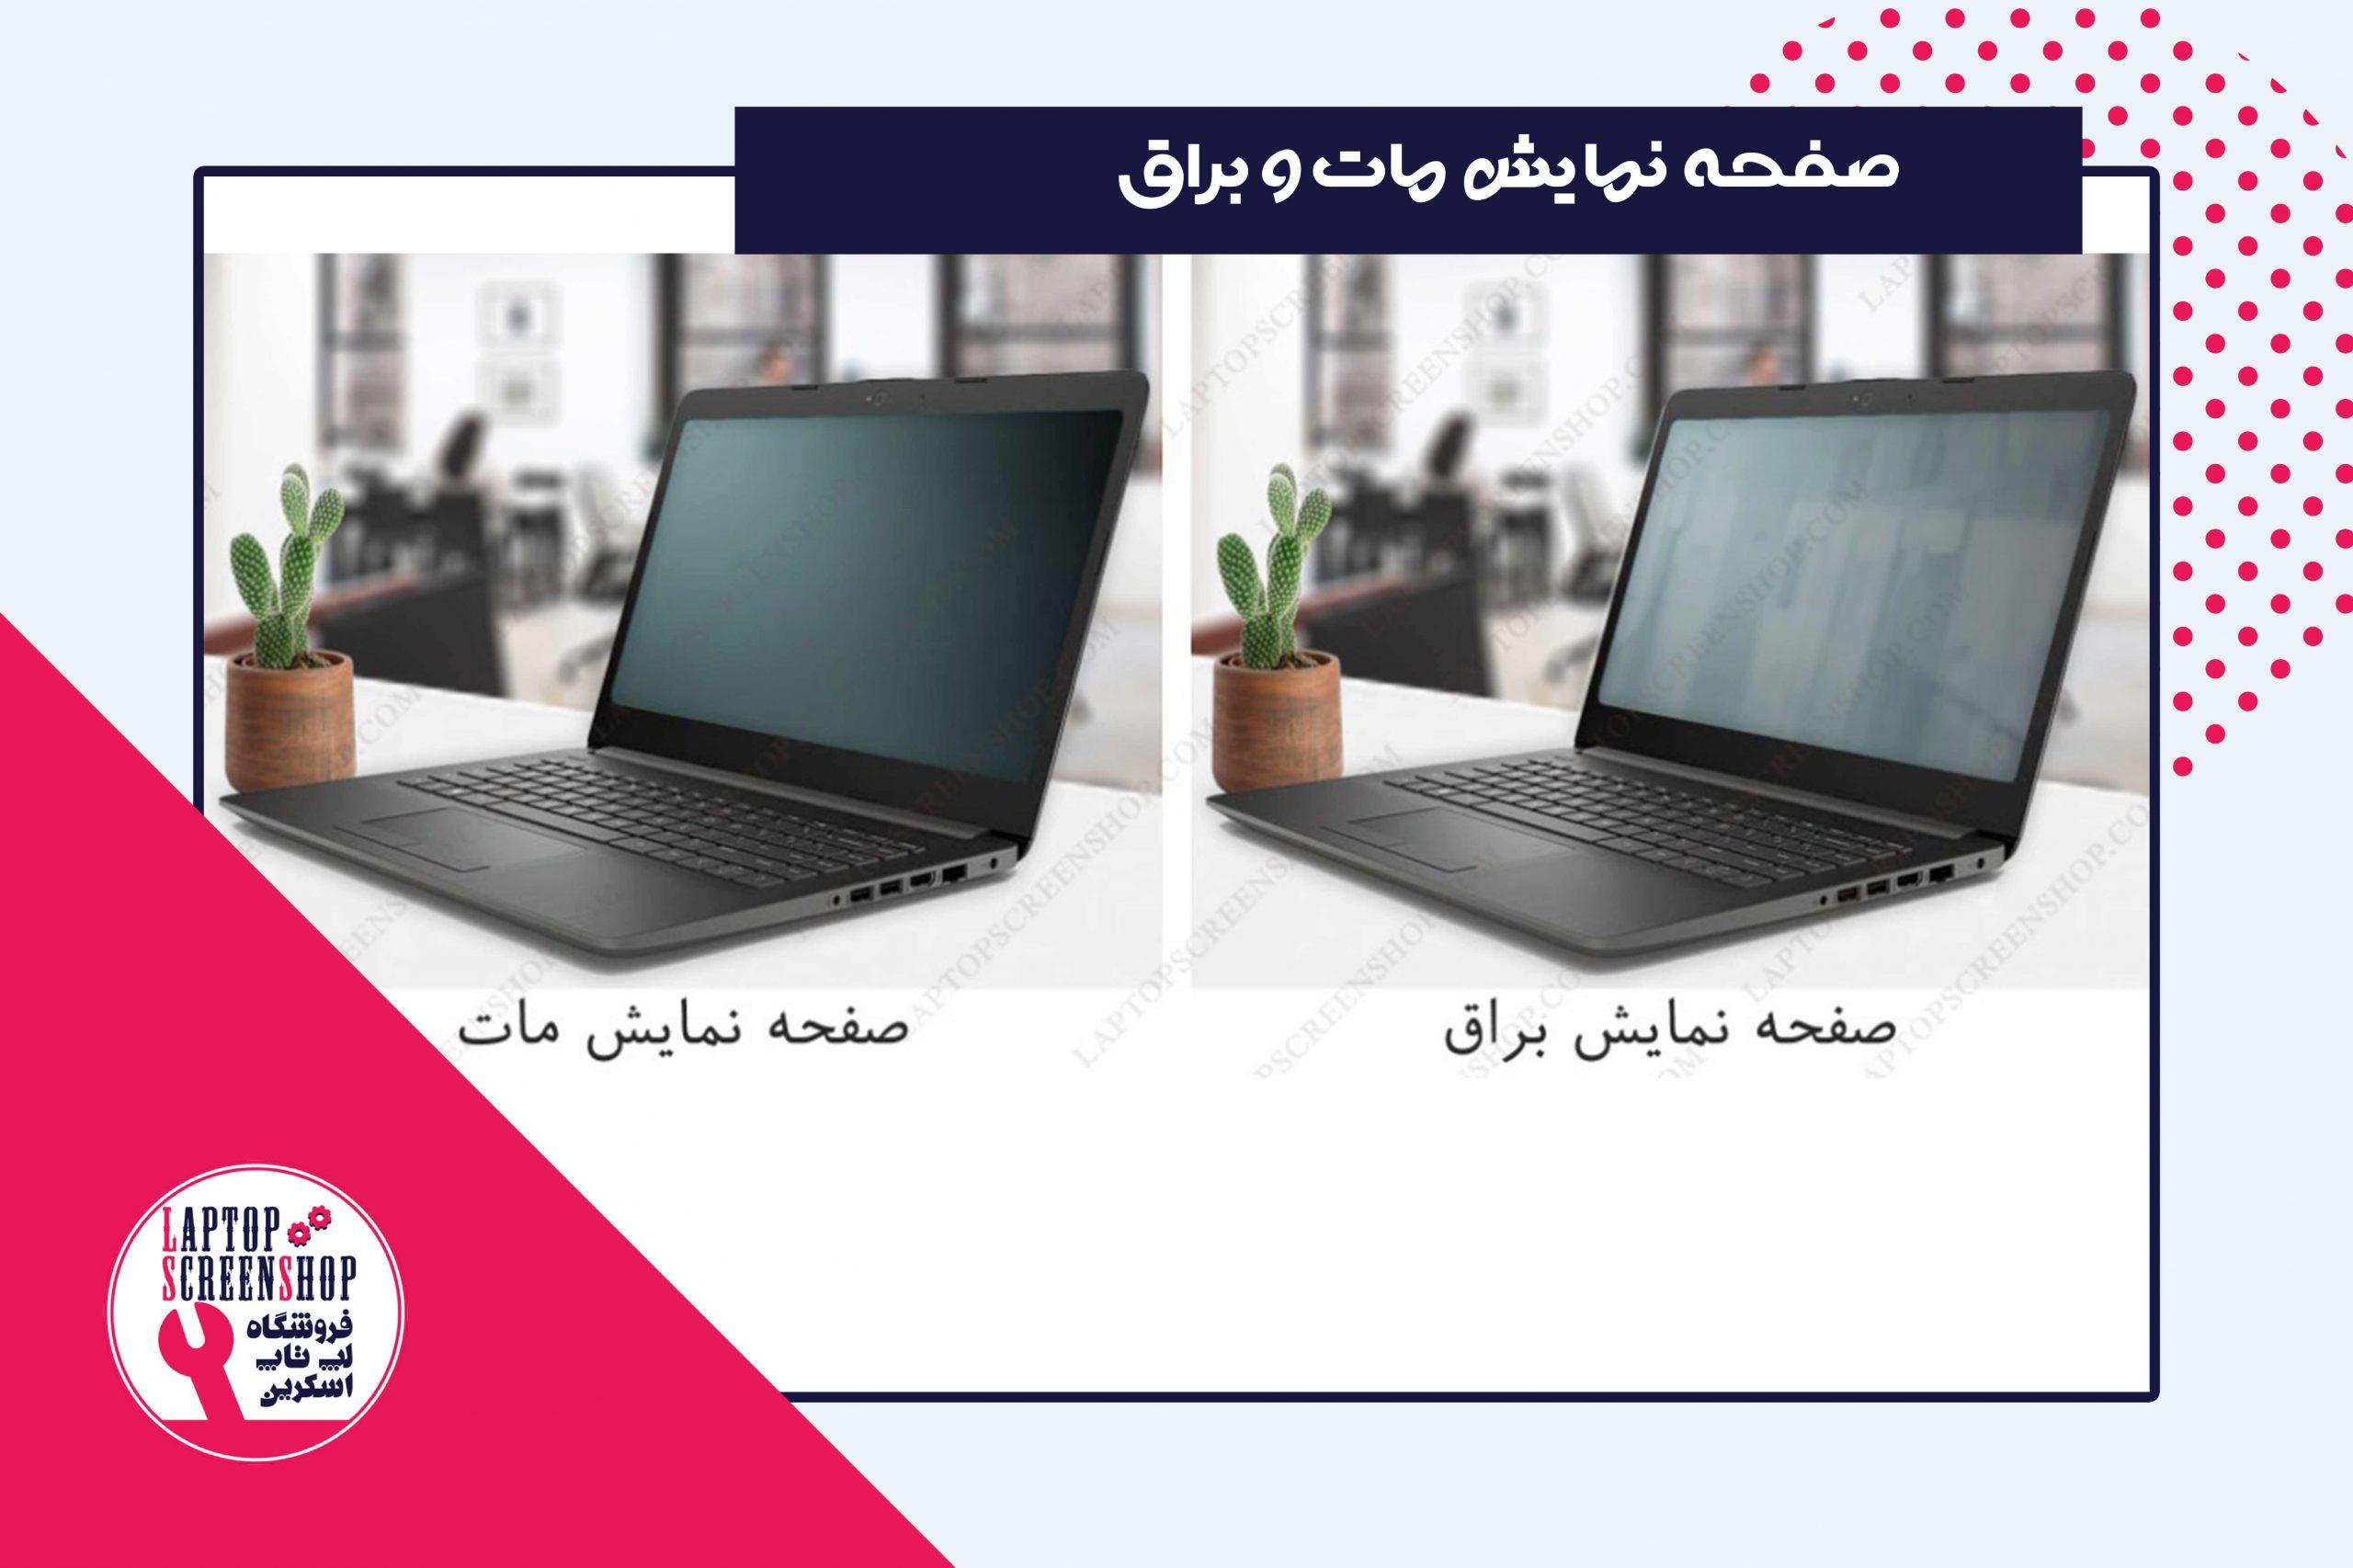 صفحه نمایش مات و براق| فروشگاه لپ تاپ اسکرین| صفحه نمایش مات| صفحه نمایش براق| لپ تاپ| ال سی دی